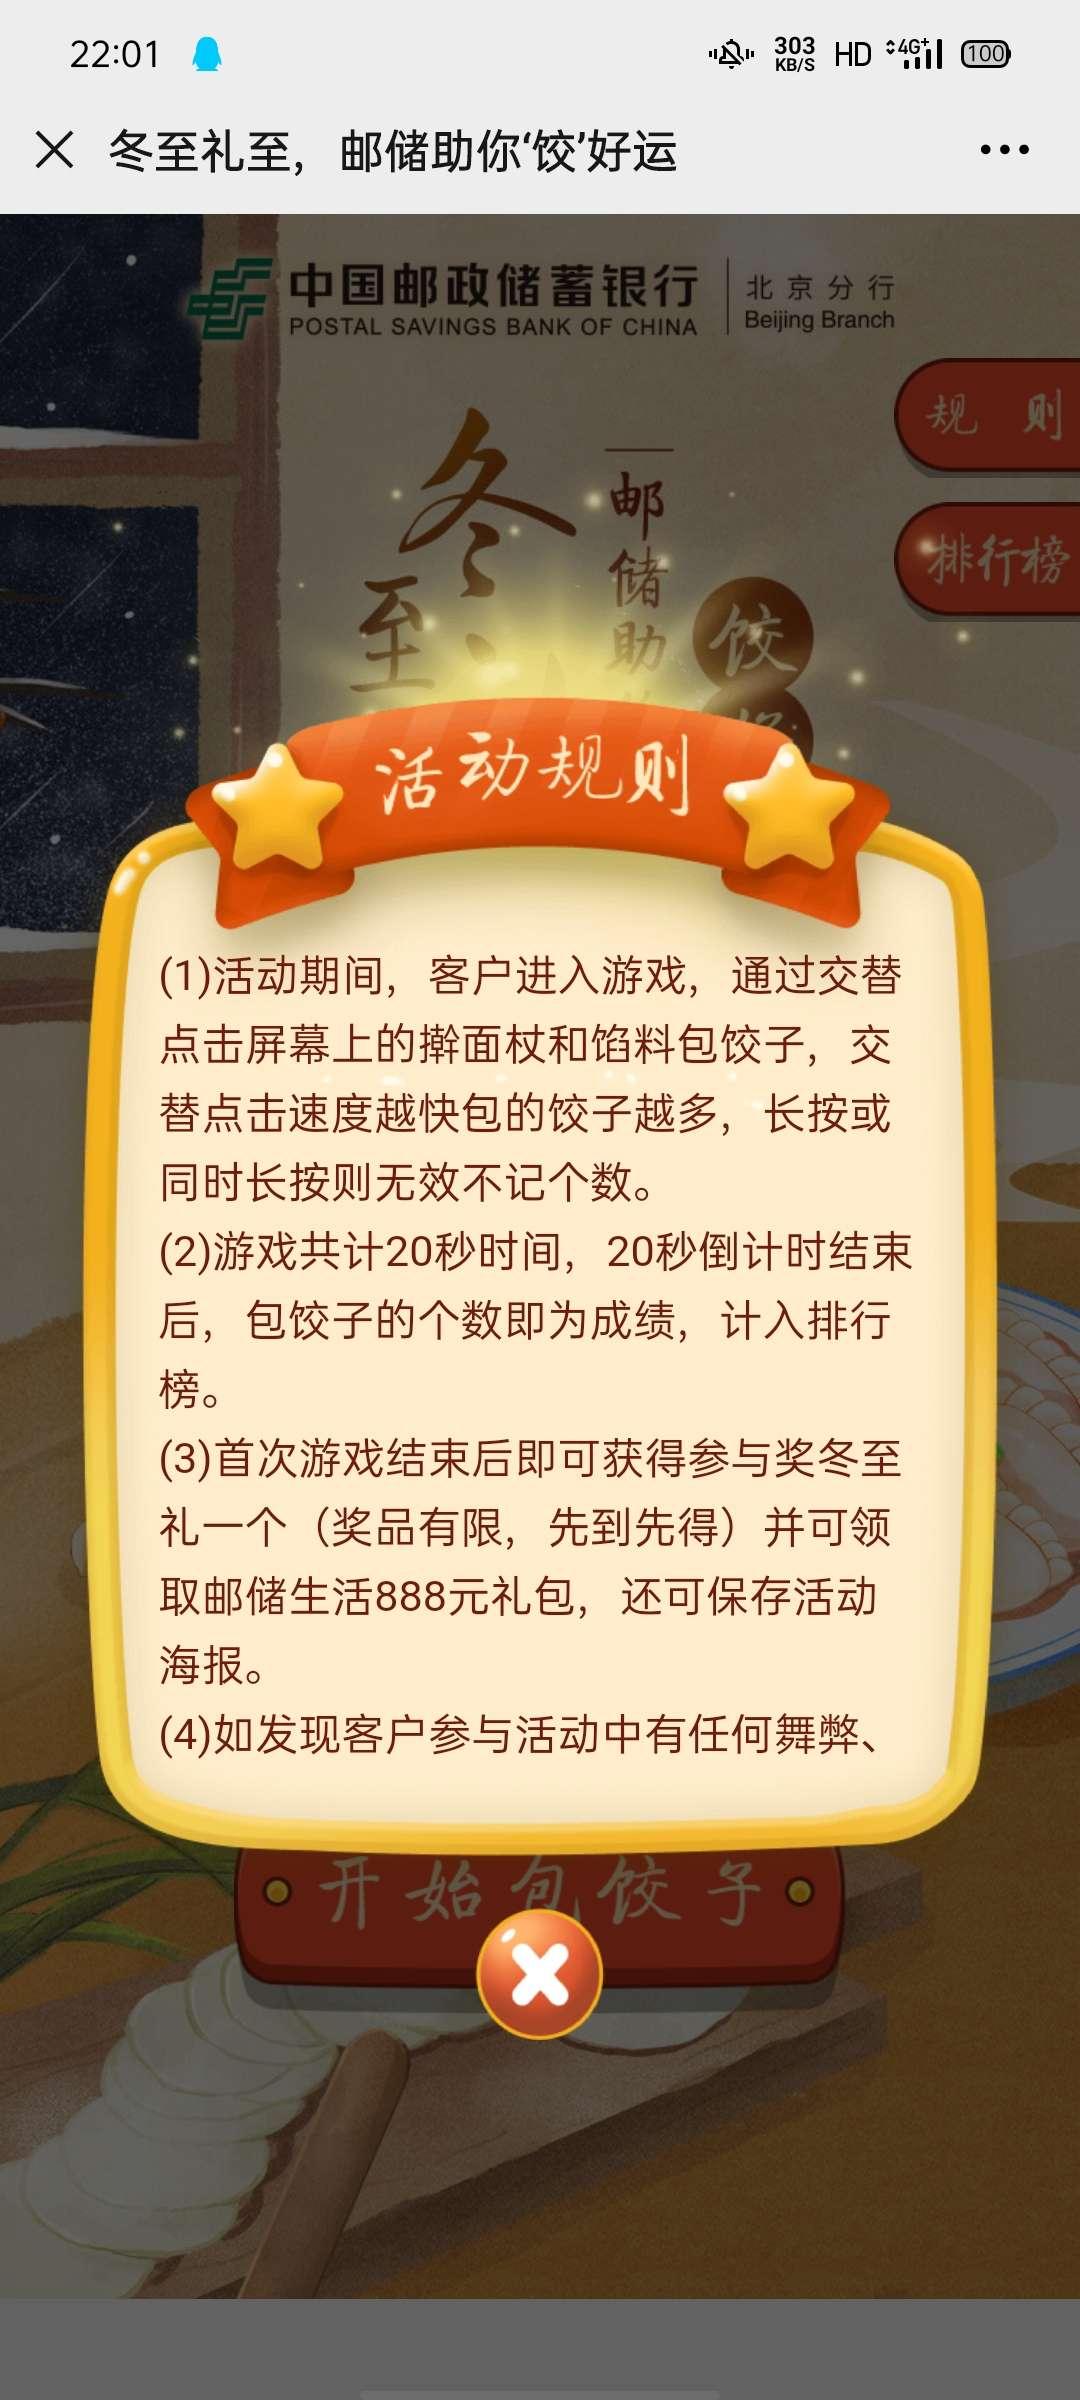 图片[3]-邮储银行北京分行冬至玩游戏抽红包-老友薅羊毛活动线报网